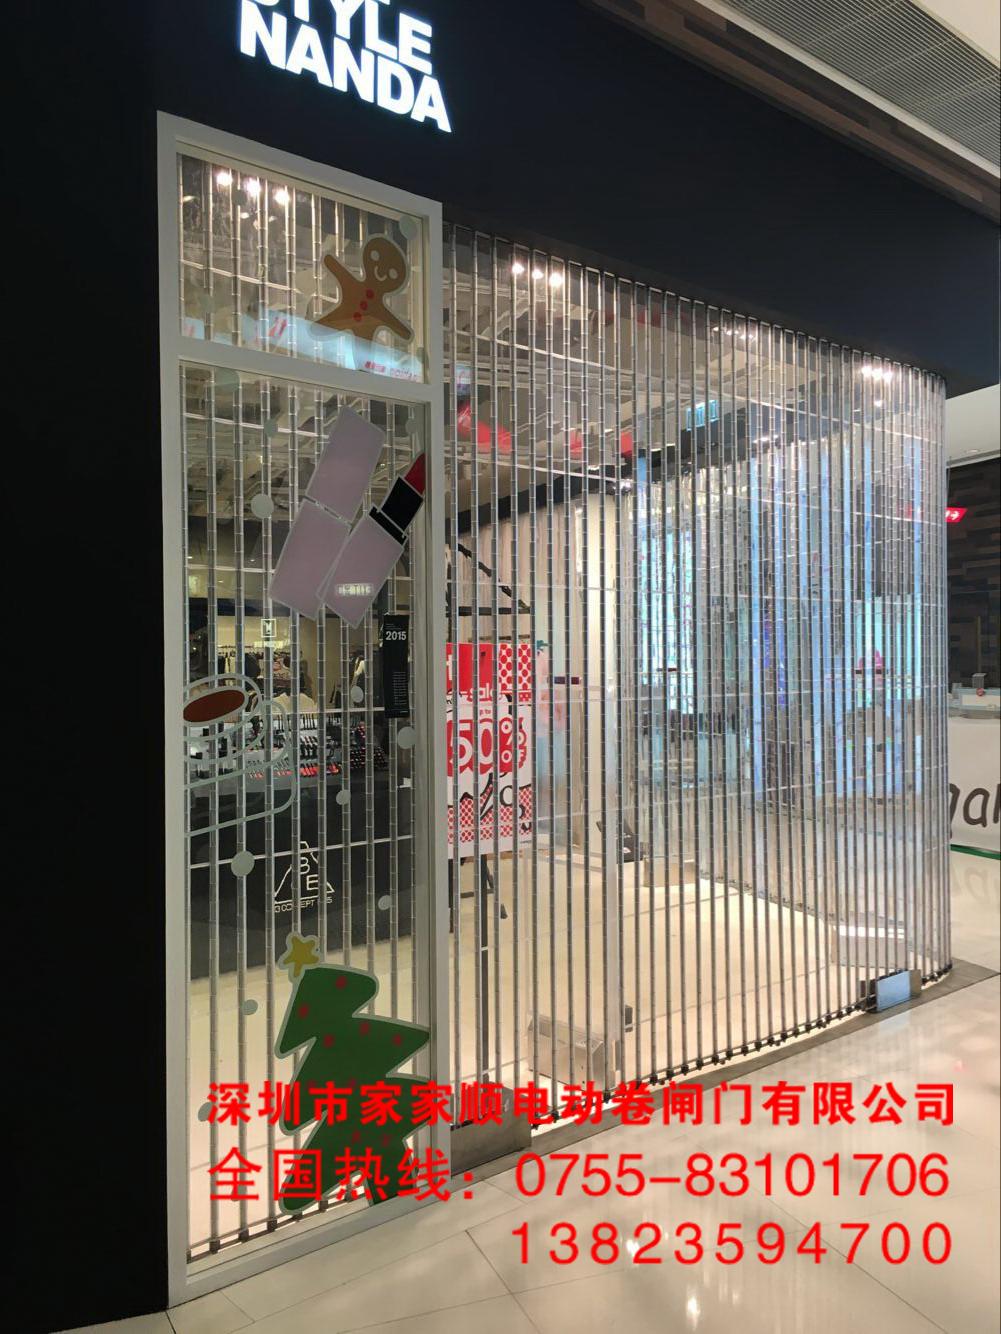 深圳南水晶卷闸门